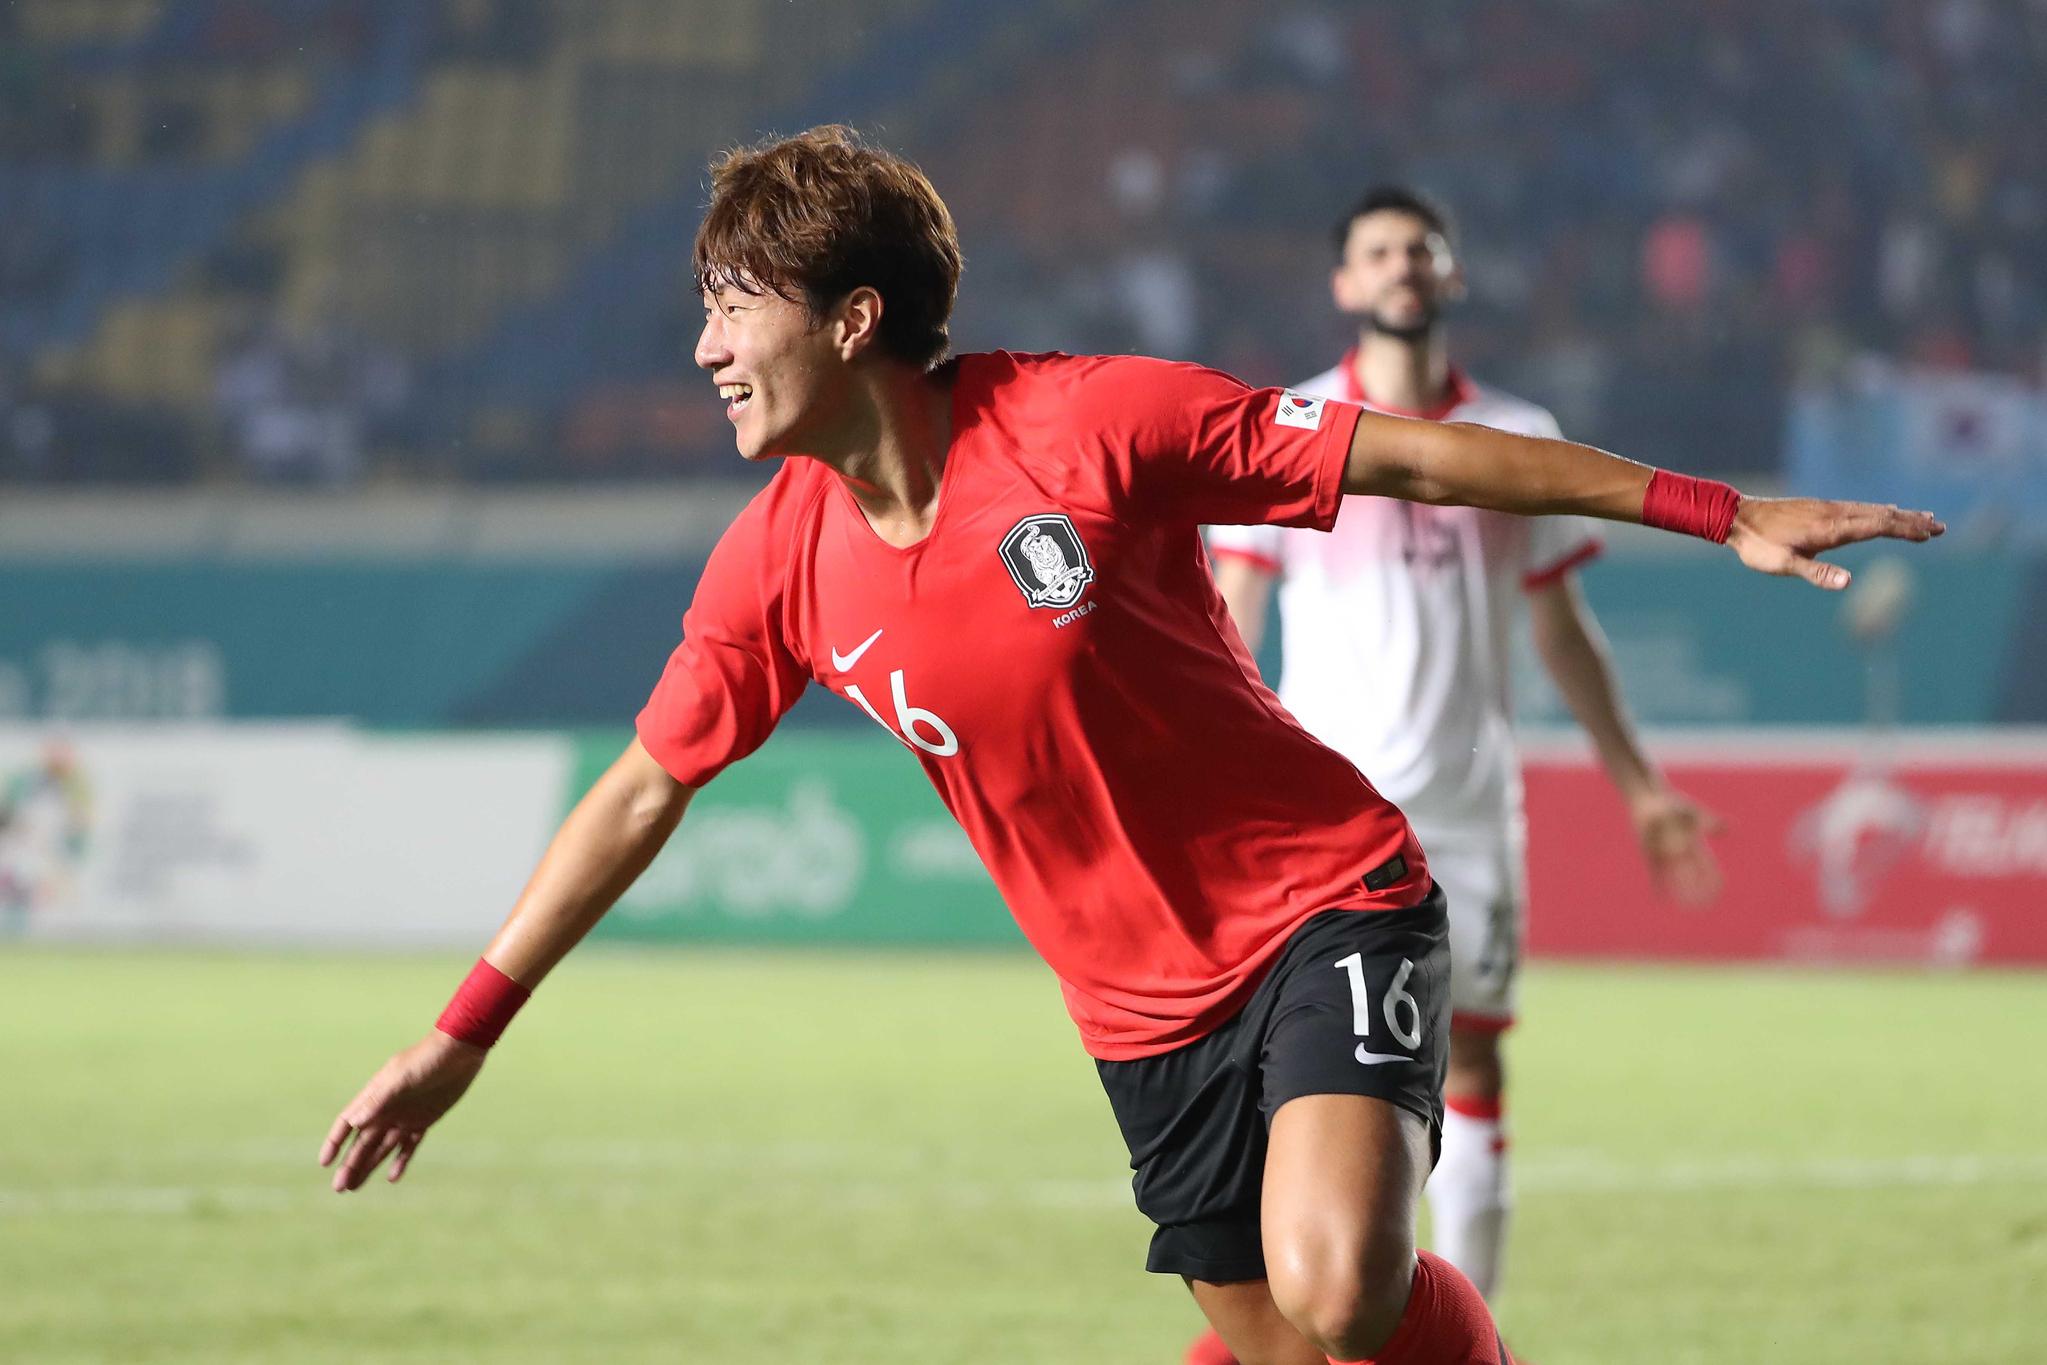 황의조가 15일 오후 인도네시아 반둥에서 열린 2018 자카르타·팔렘방 아시안게임 U-23 남자축구 대한민국과 바레인의 조별리그 1차전에서 골을 넣은 후 세리머니를 하고 있다. [뉴스1]